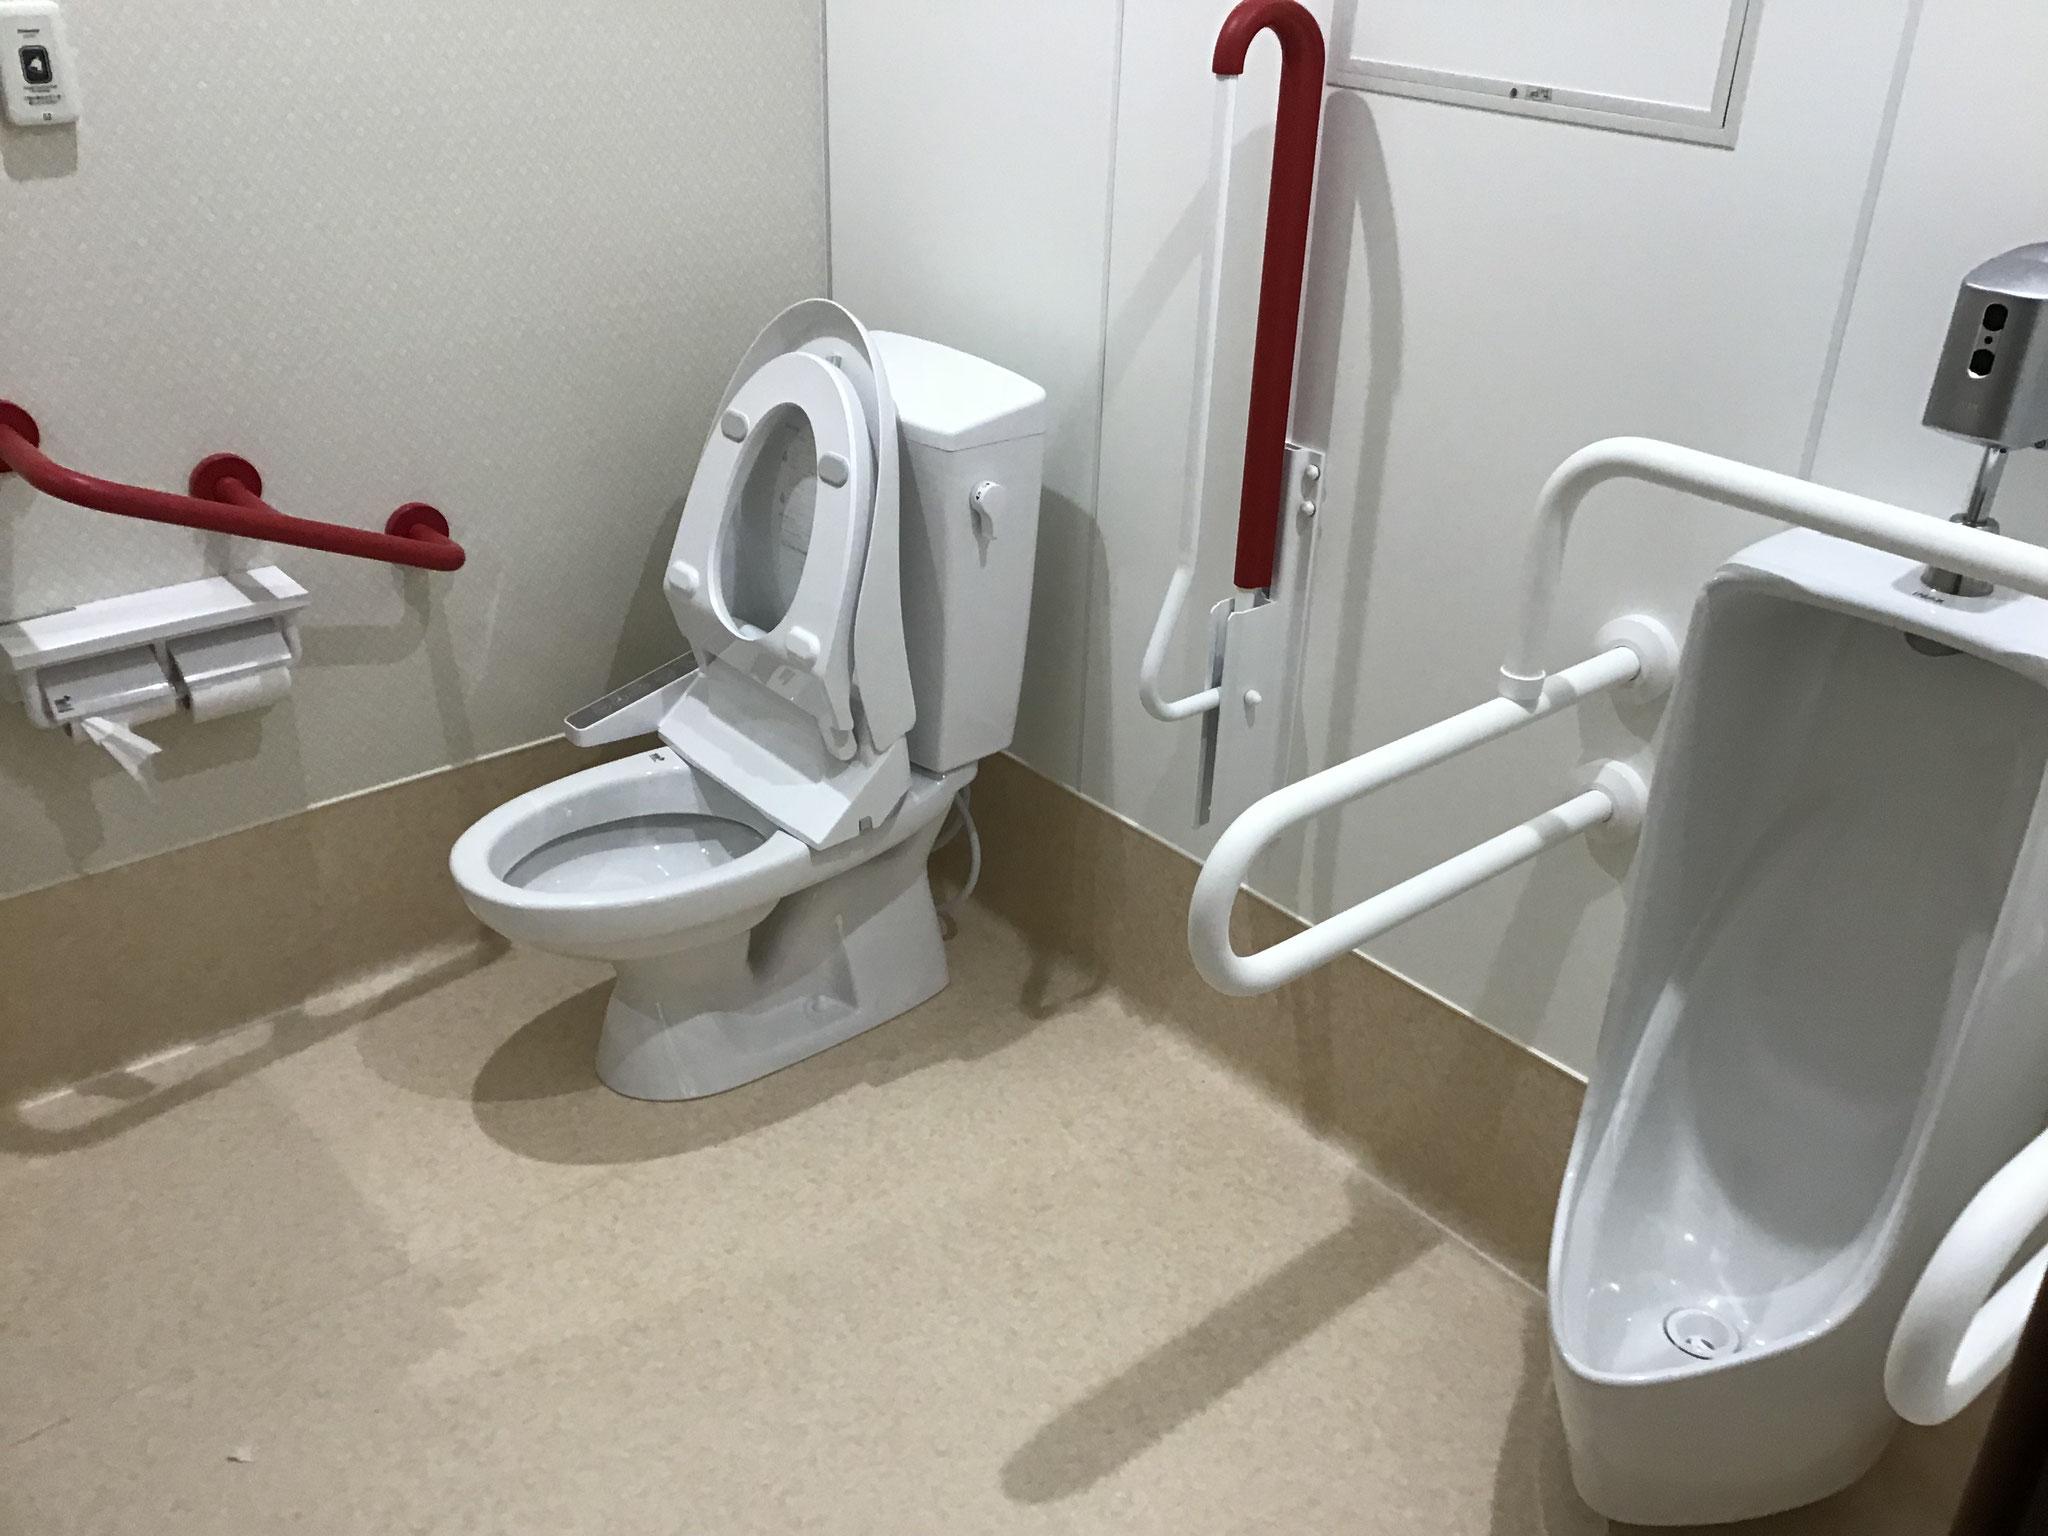 お手洗い 館内全て車いす対応のトイレで十分なスペースを確保しています。